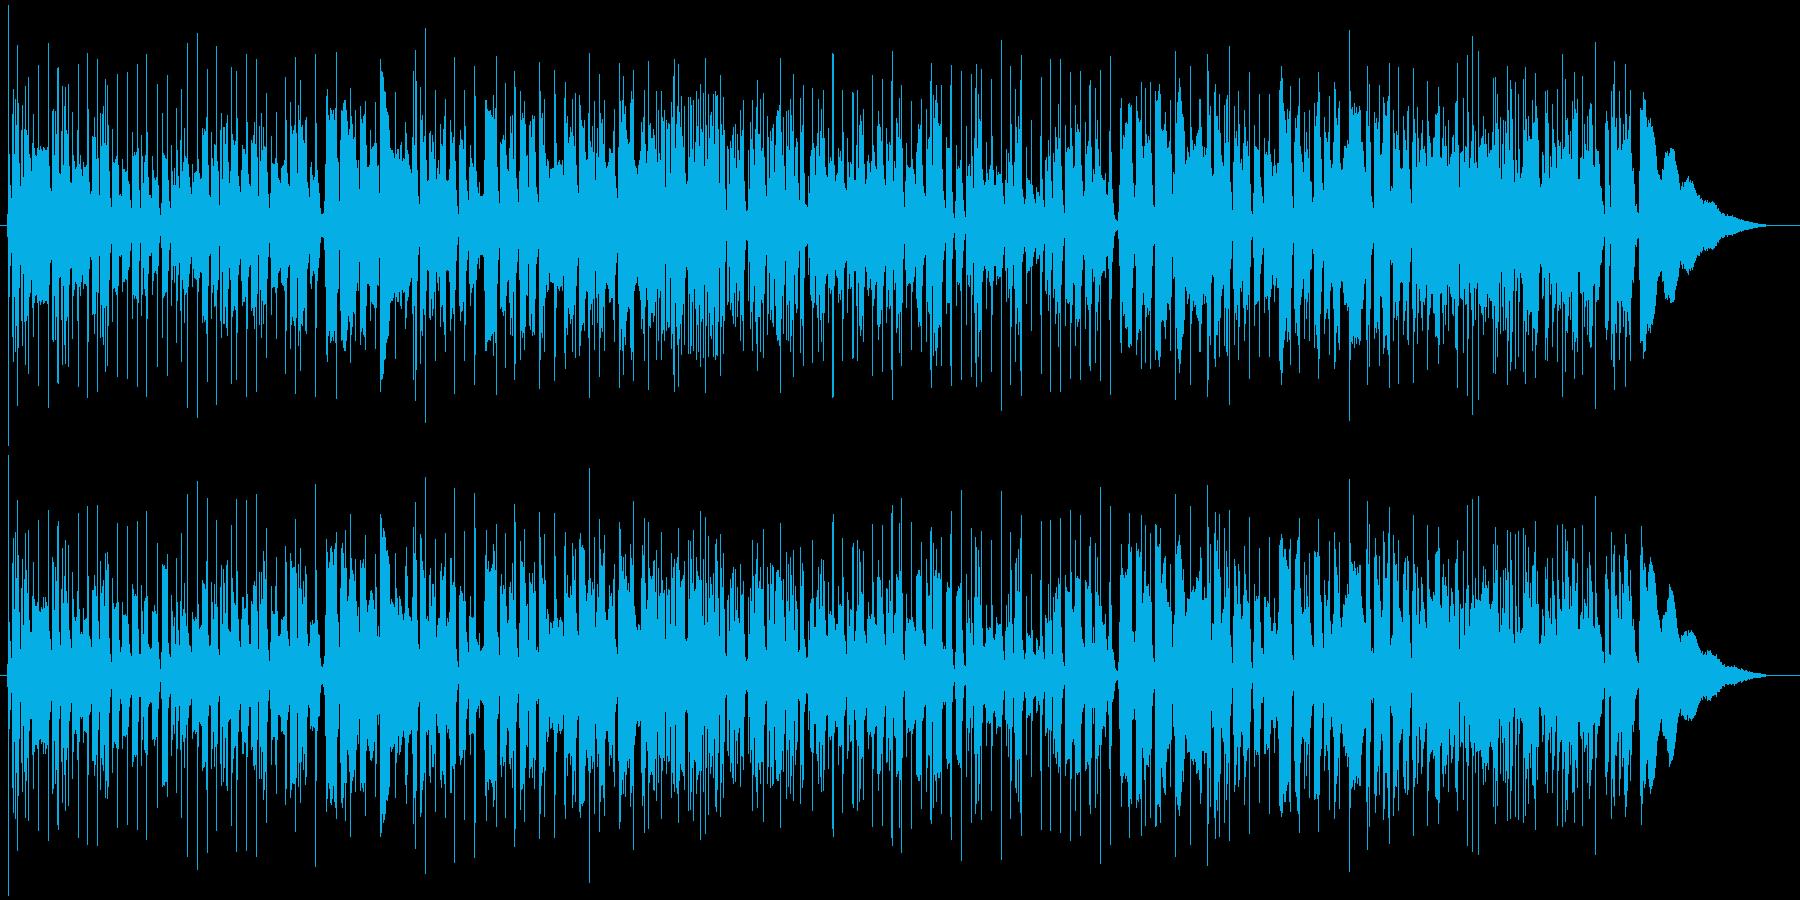 スラム奏法アコギソロギターの再生済みの波形